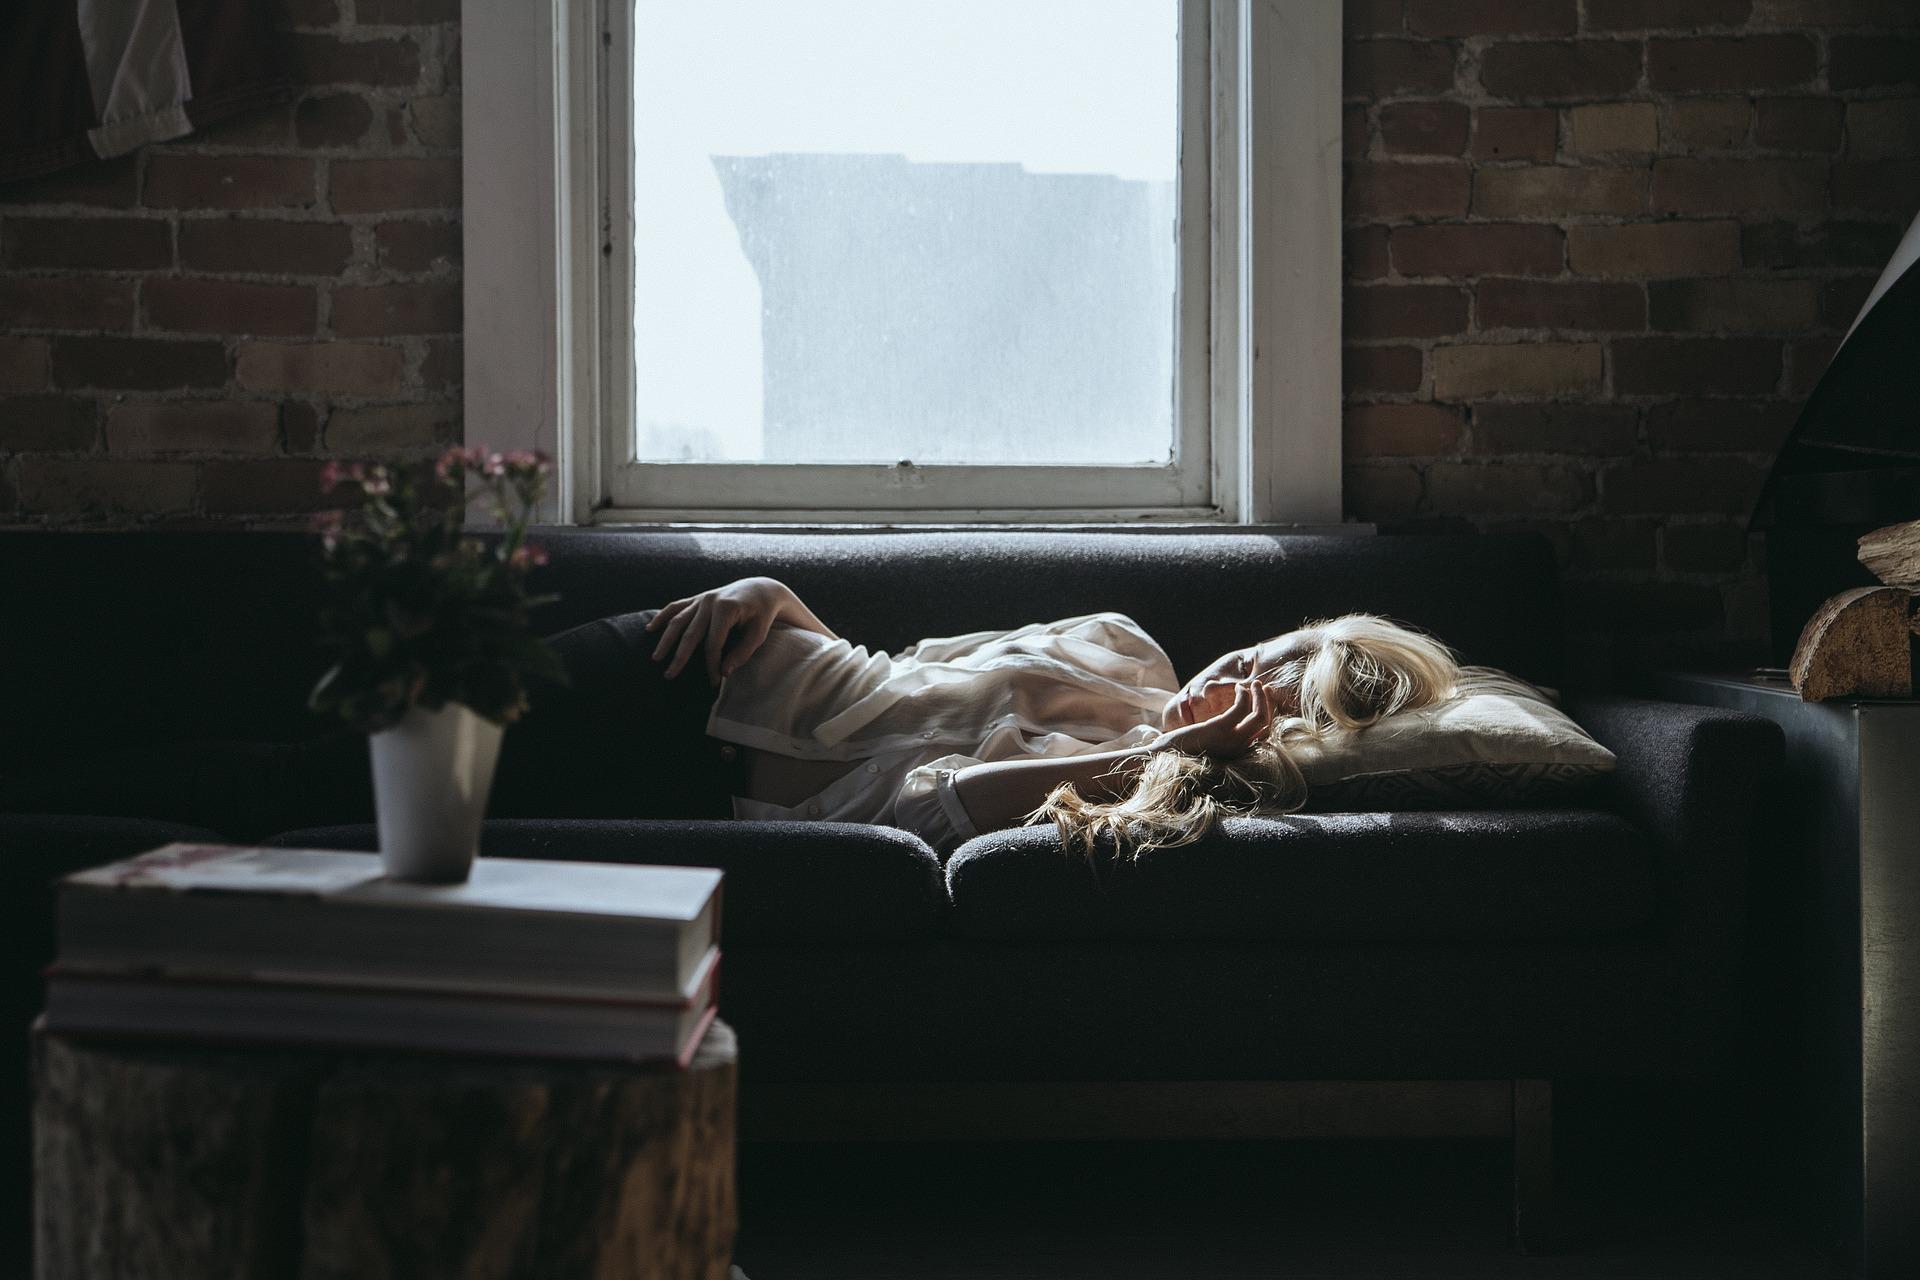 Stop snoring remedies